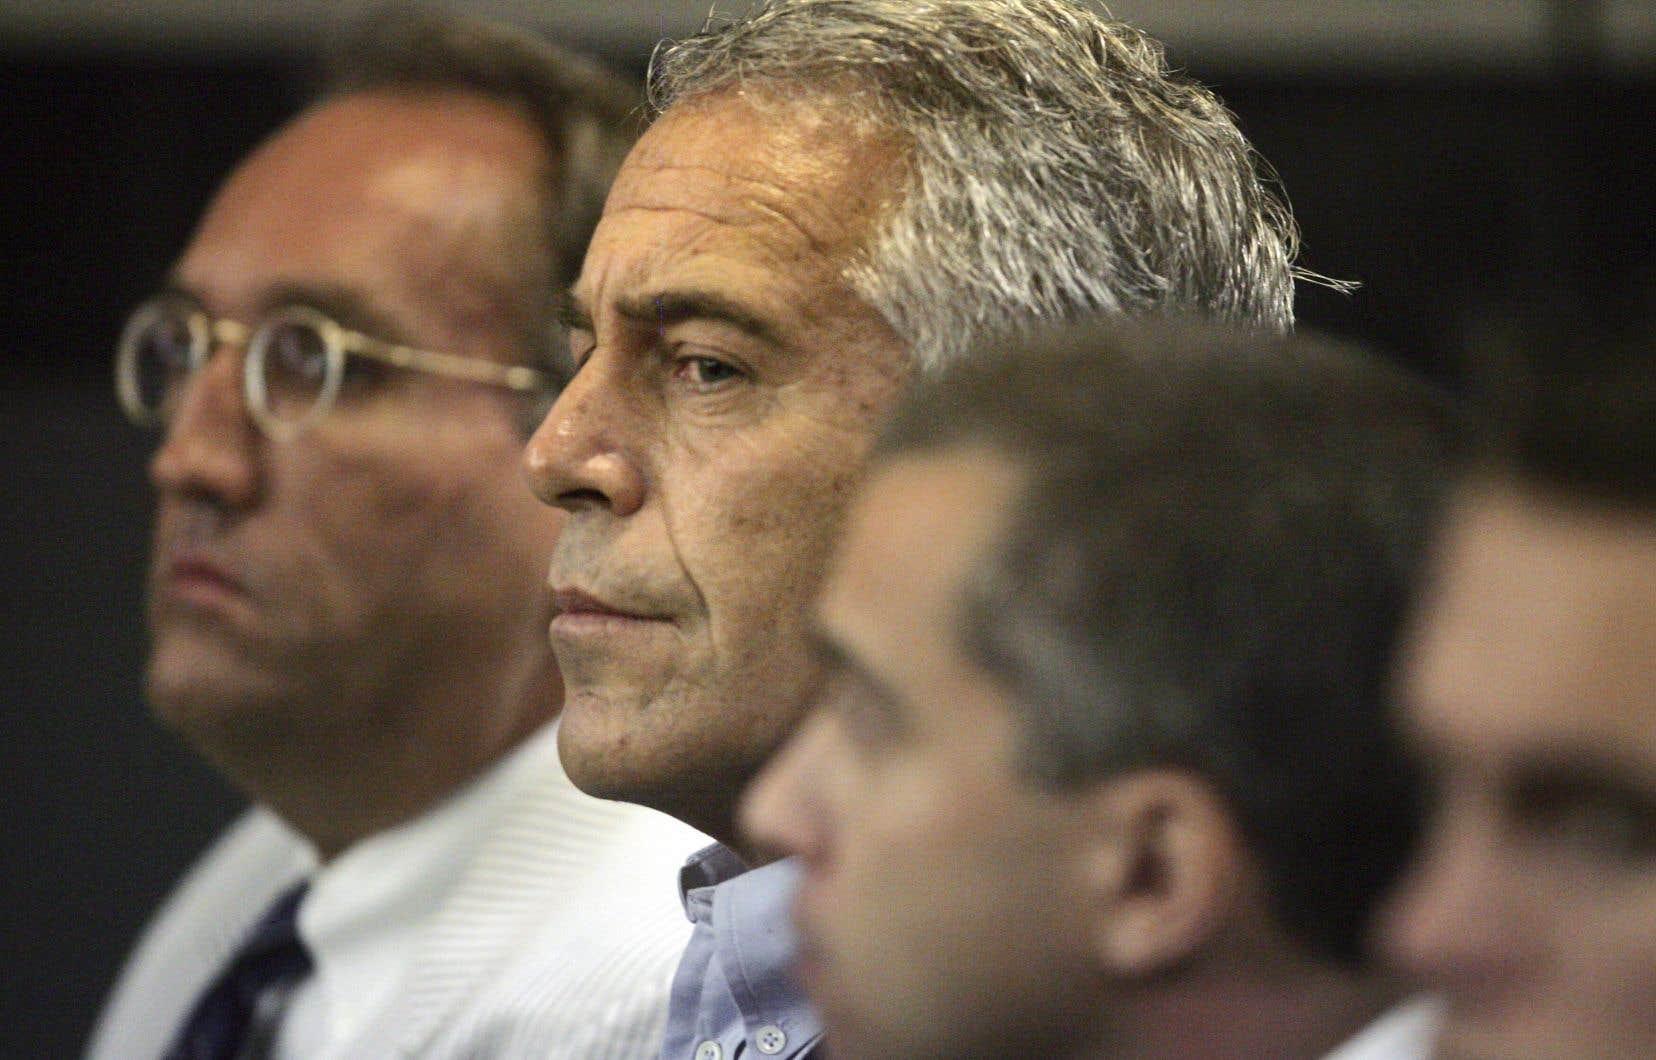 Jeffrey Epstein, 66ans, était accusé d'avoir fait venir des dizaines de jeunes adolescentes dans ses luxueuses résidences, notamment à New York et en Floride.